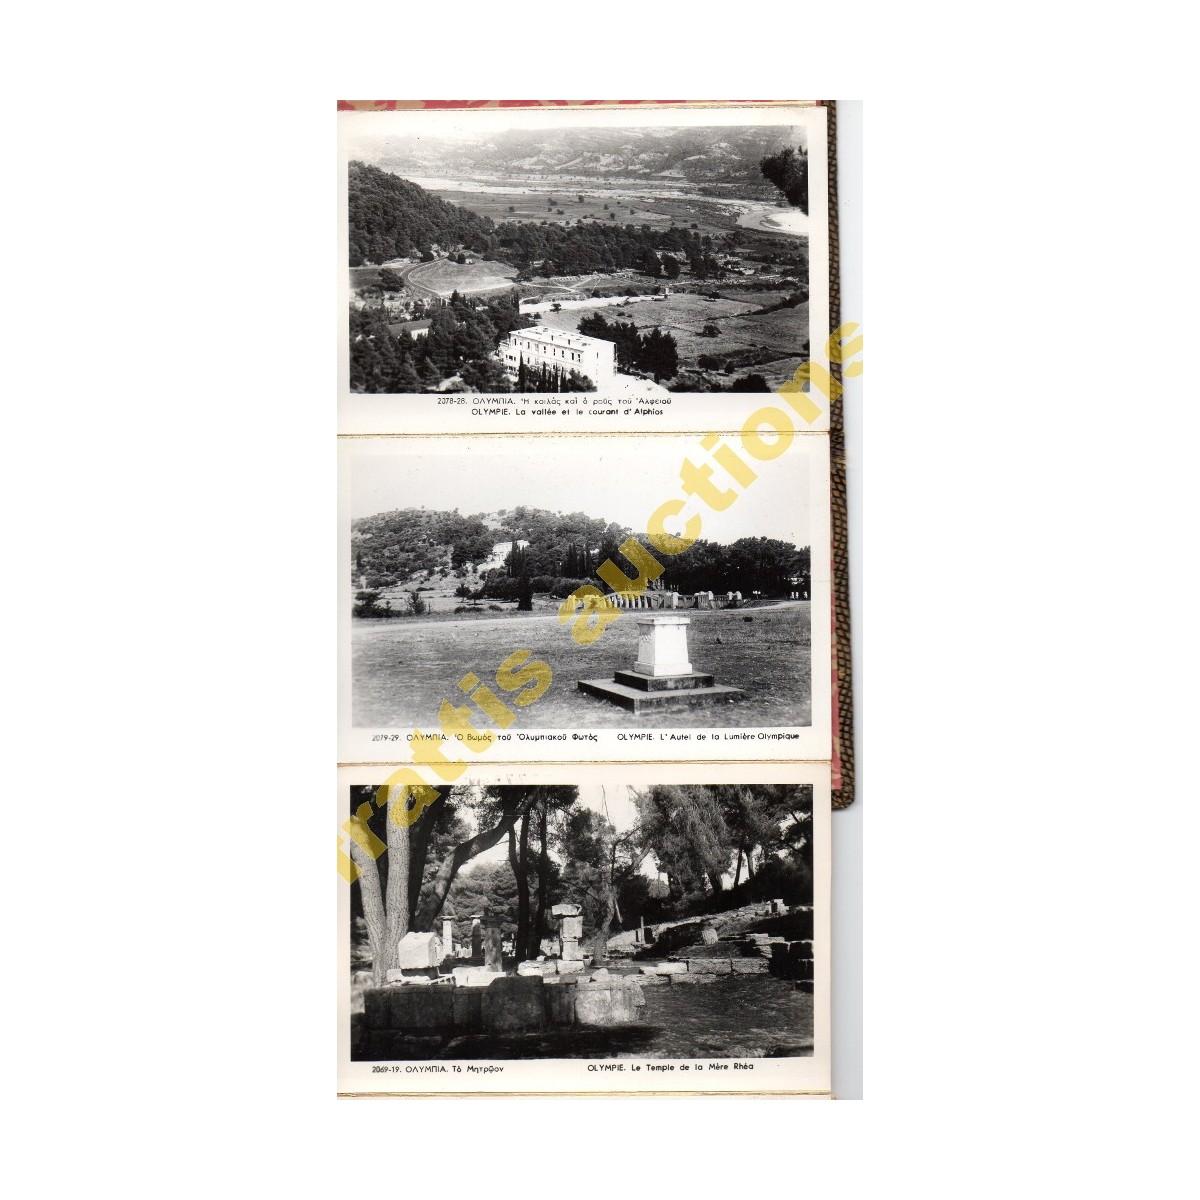 ΟΛΥΜΠΙΑ 2. Άλμπουμ των 10 καρτών.